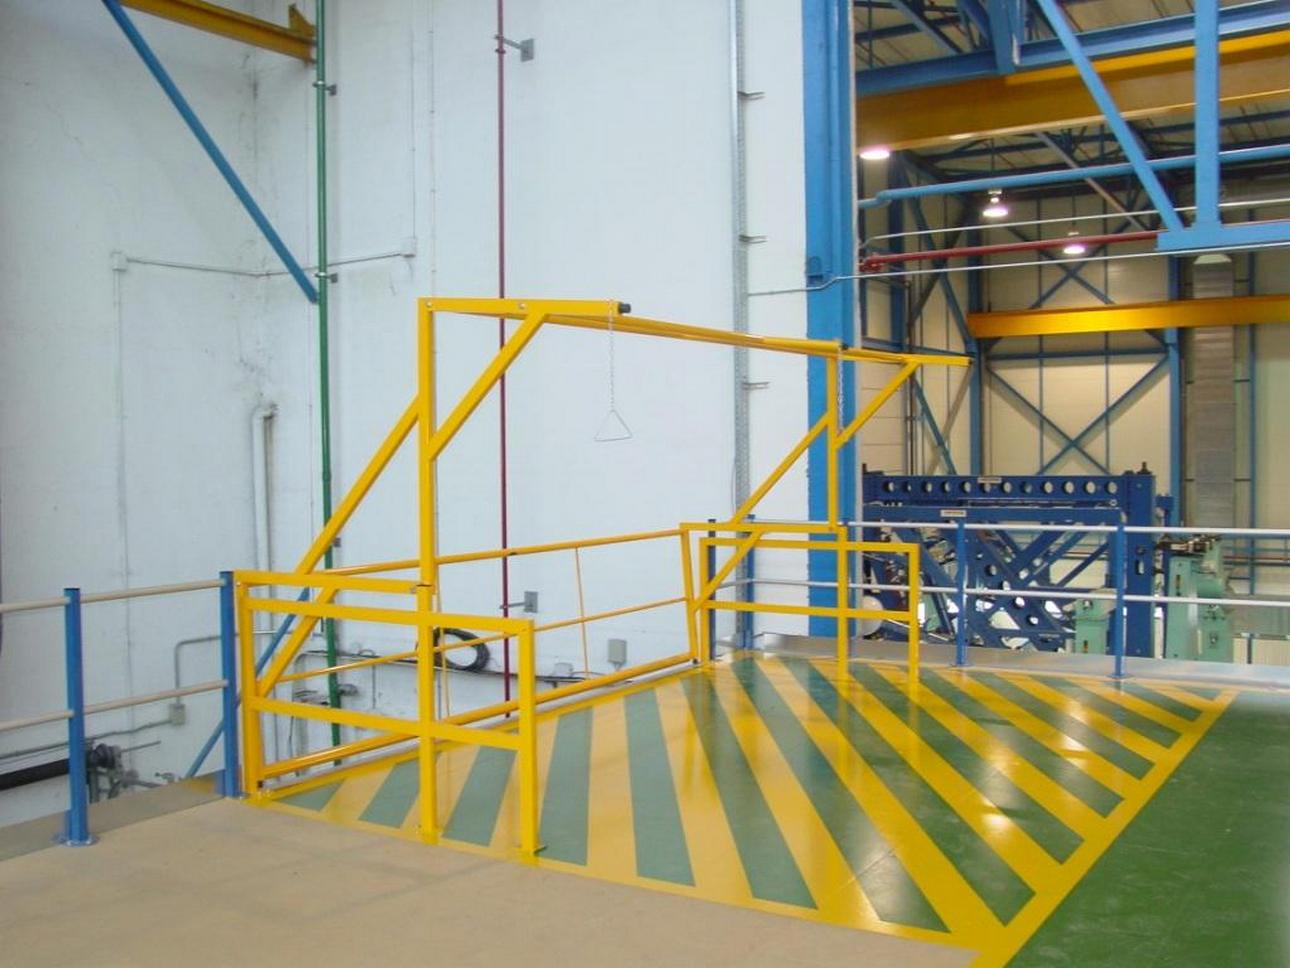 Barreras de seguridad barreras de seguridad industriales - Barrera de seguridad ...